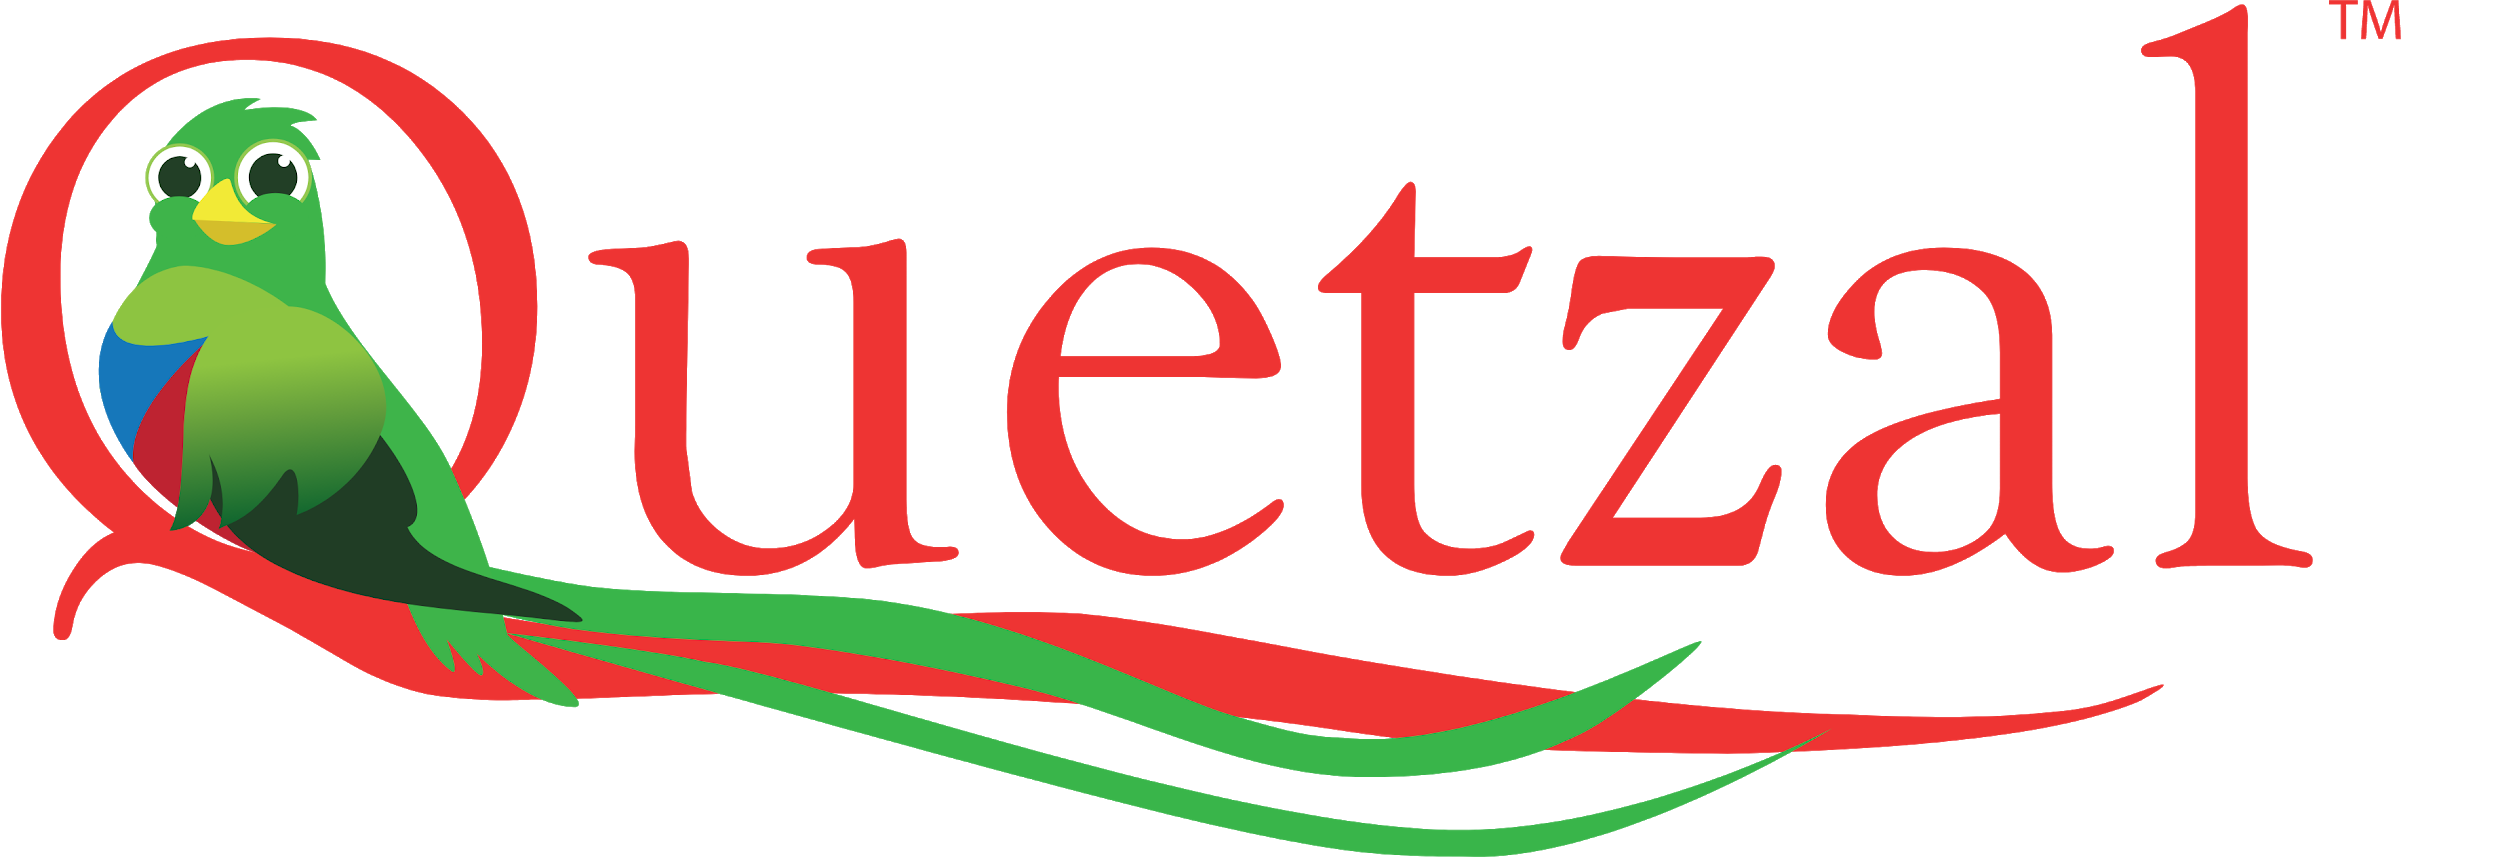 Quetzal POS Reviews